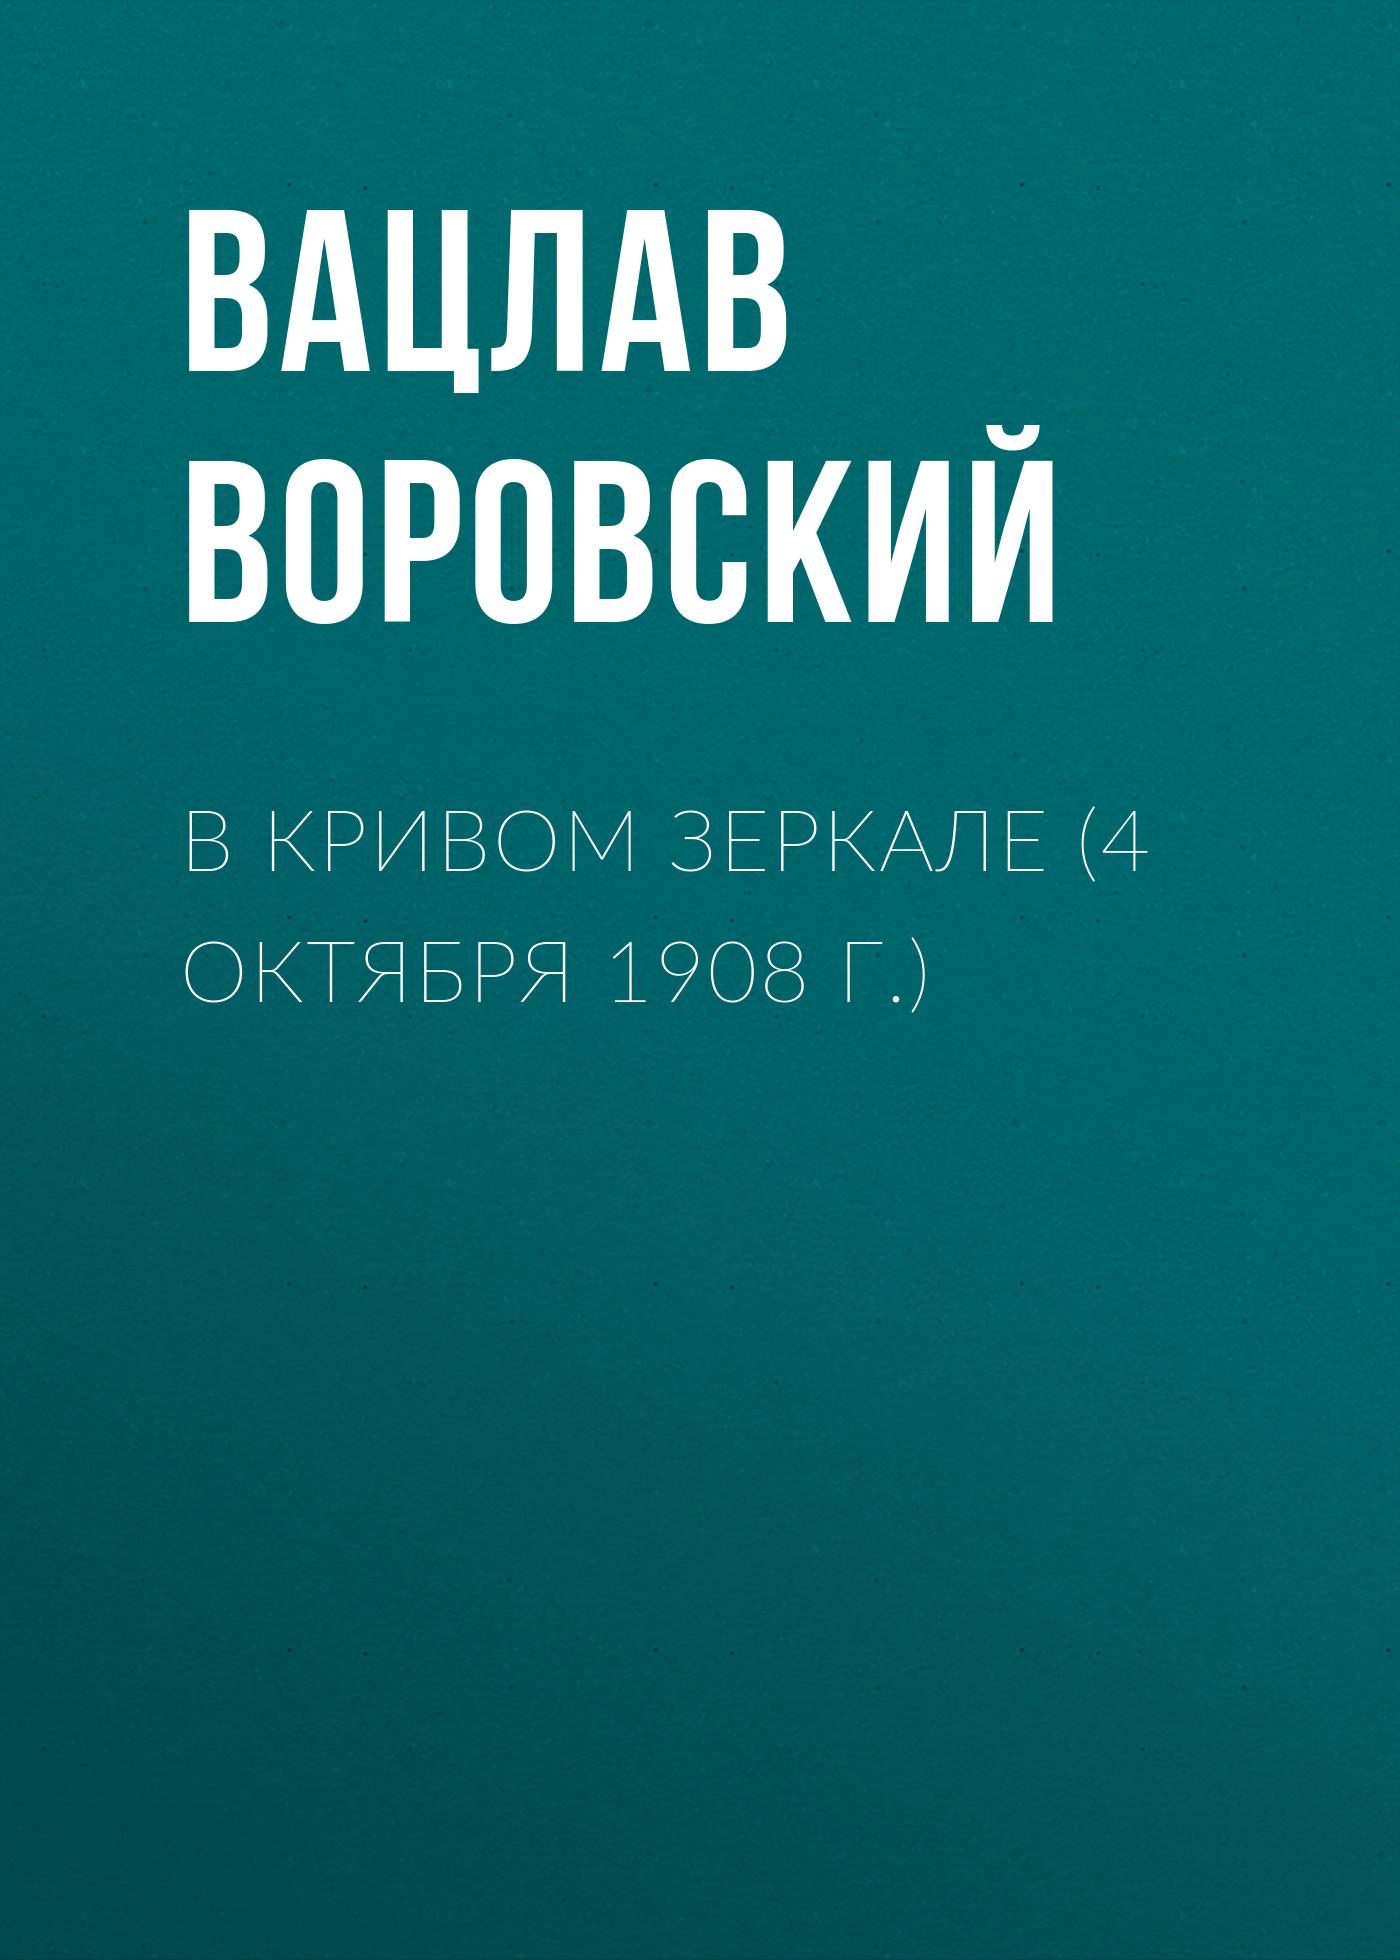 Вацлав Воровский В кривом зеркале (4 октября 1908 г.) вацлав воровский в кривом зеркале 20 октября 1908 г